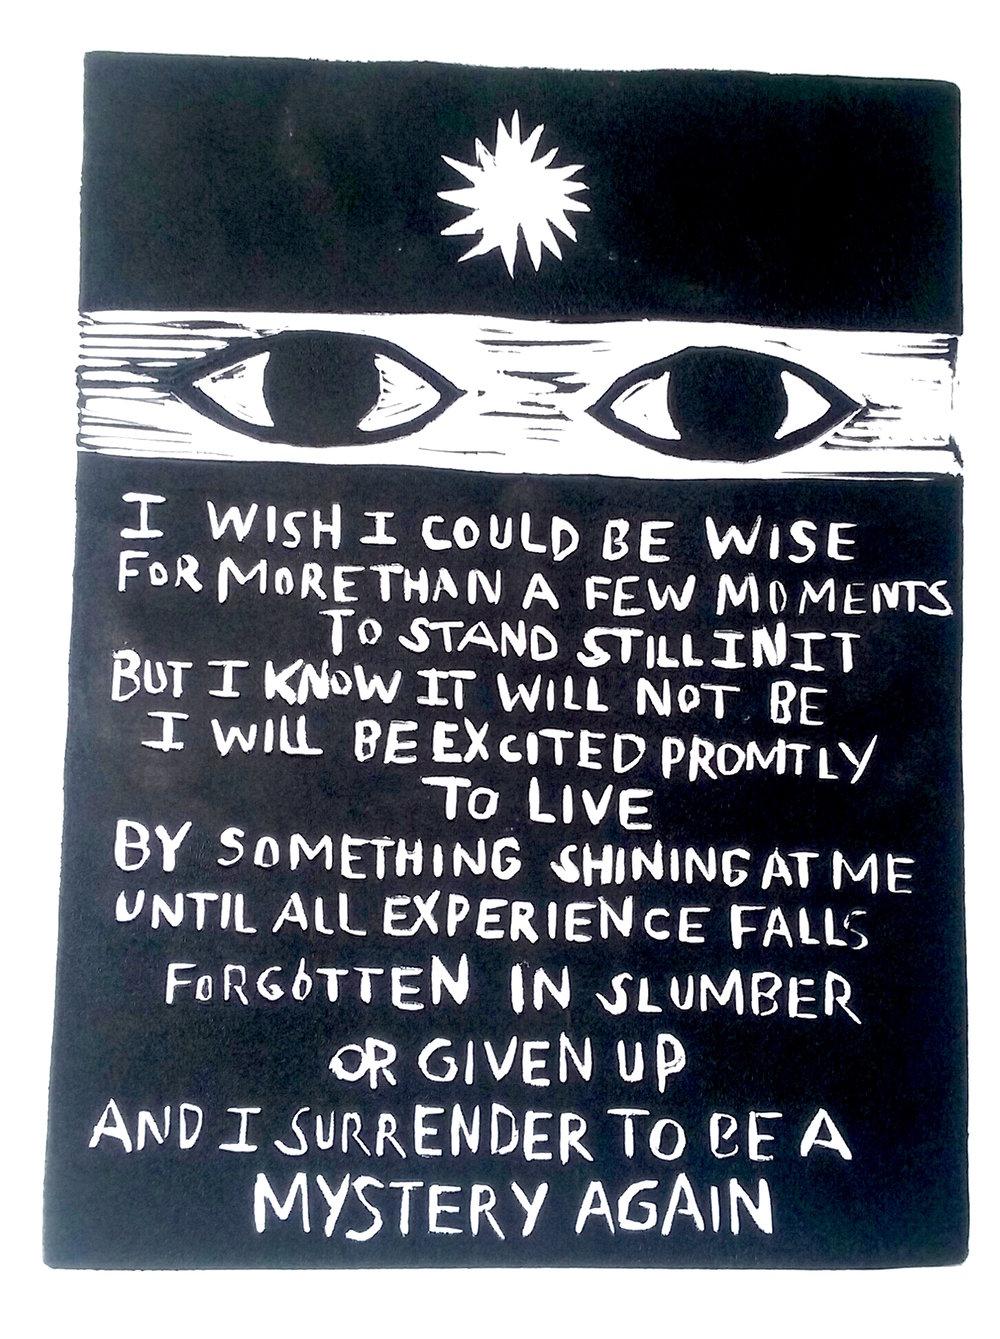 I wish….